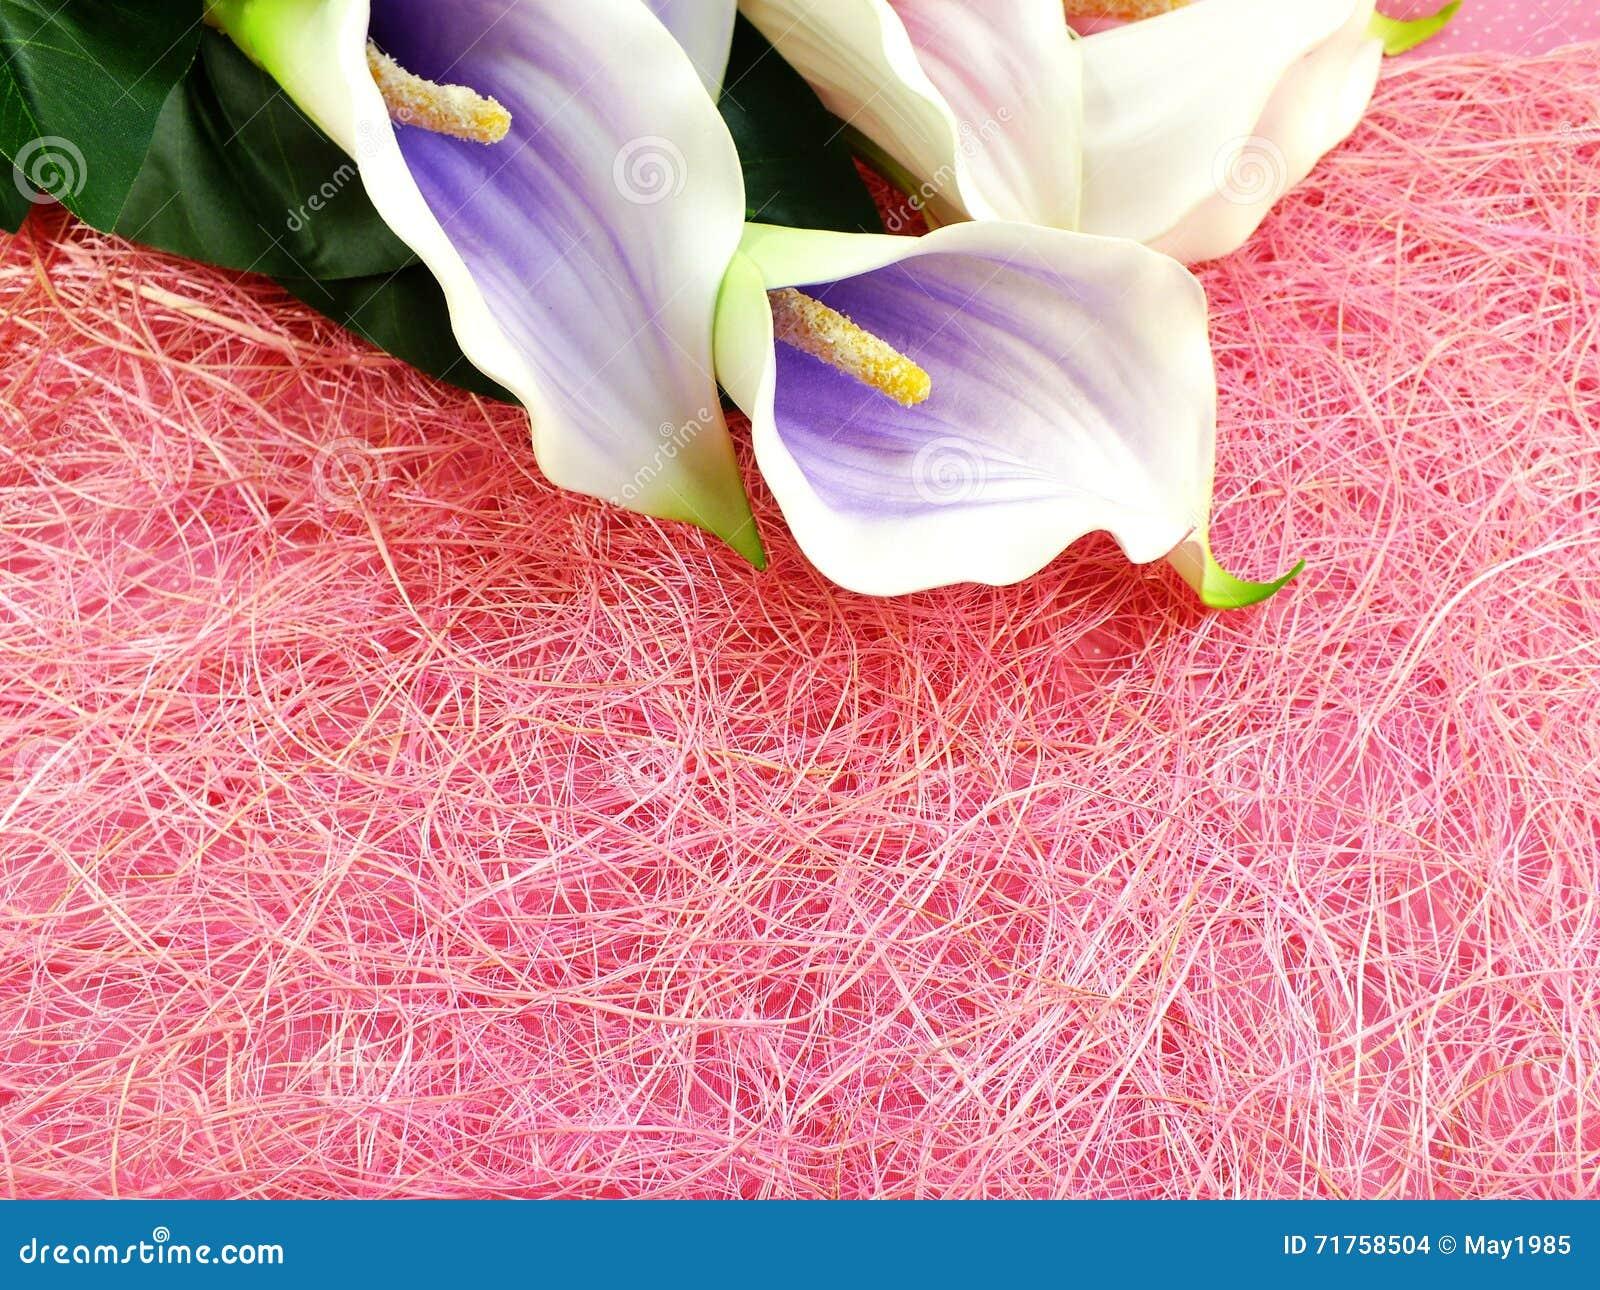 Ο τεχνητός calla κρίνος ανθίζει την ανθοδέσμη με το ρόδινο υπόβαθρο σύστασης